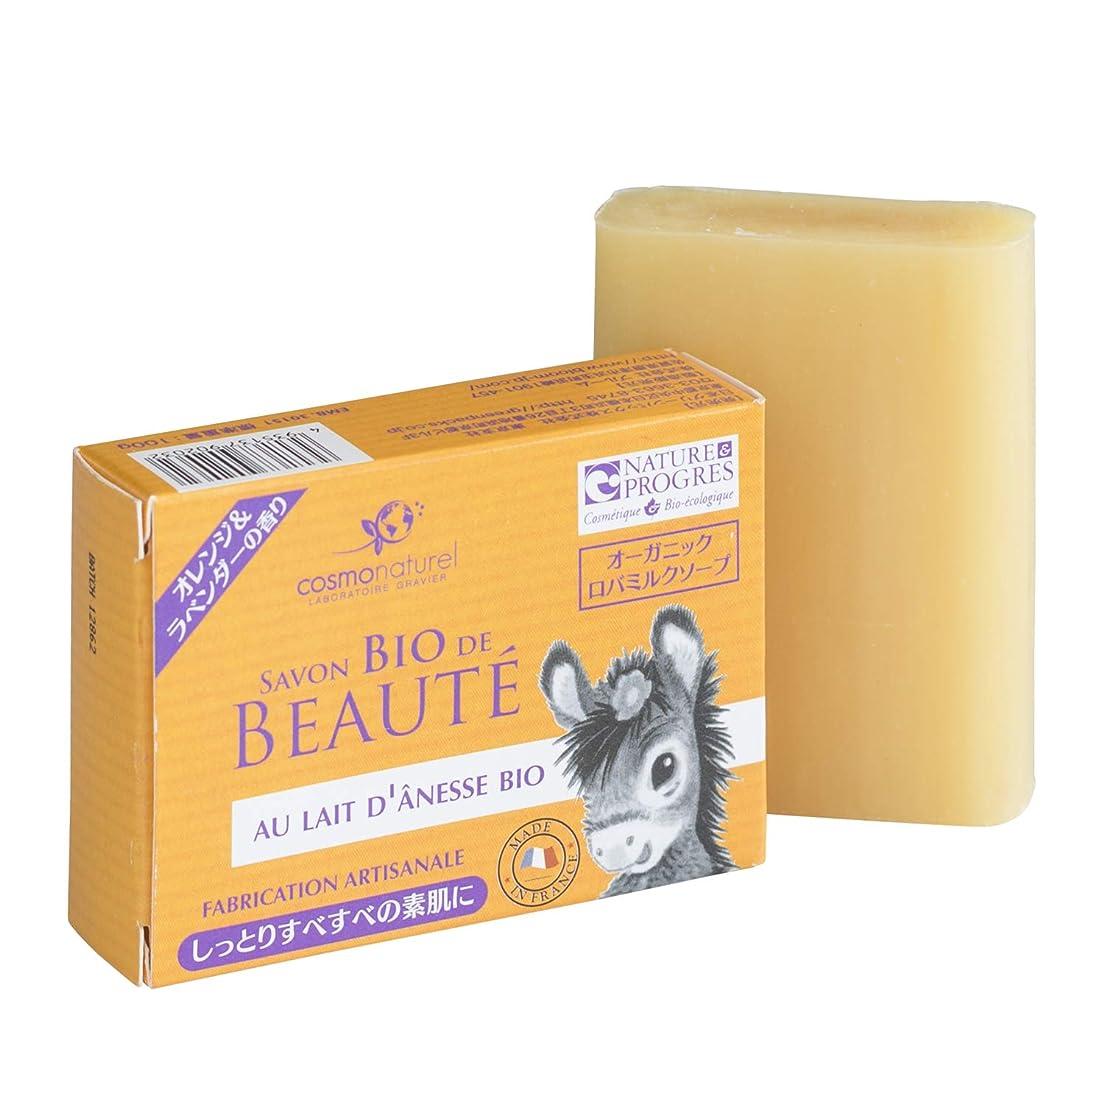 競争力のあるネズミブラザーコスモナチュレル オーガニック ロバミルクソープ オレンジ&ラベンダーの香り 100g